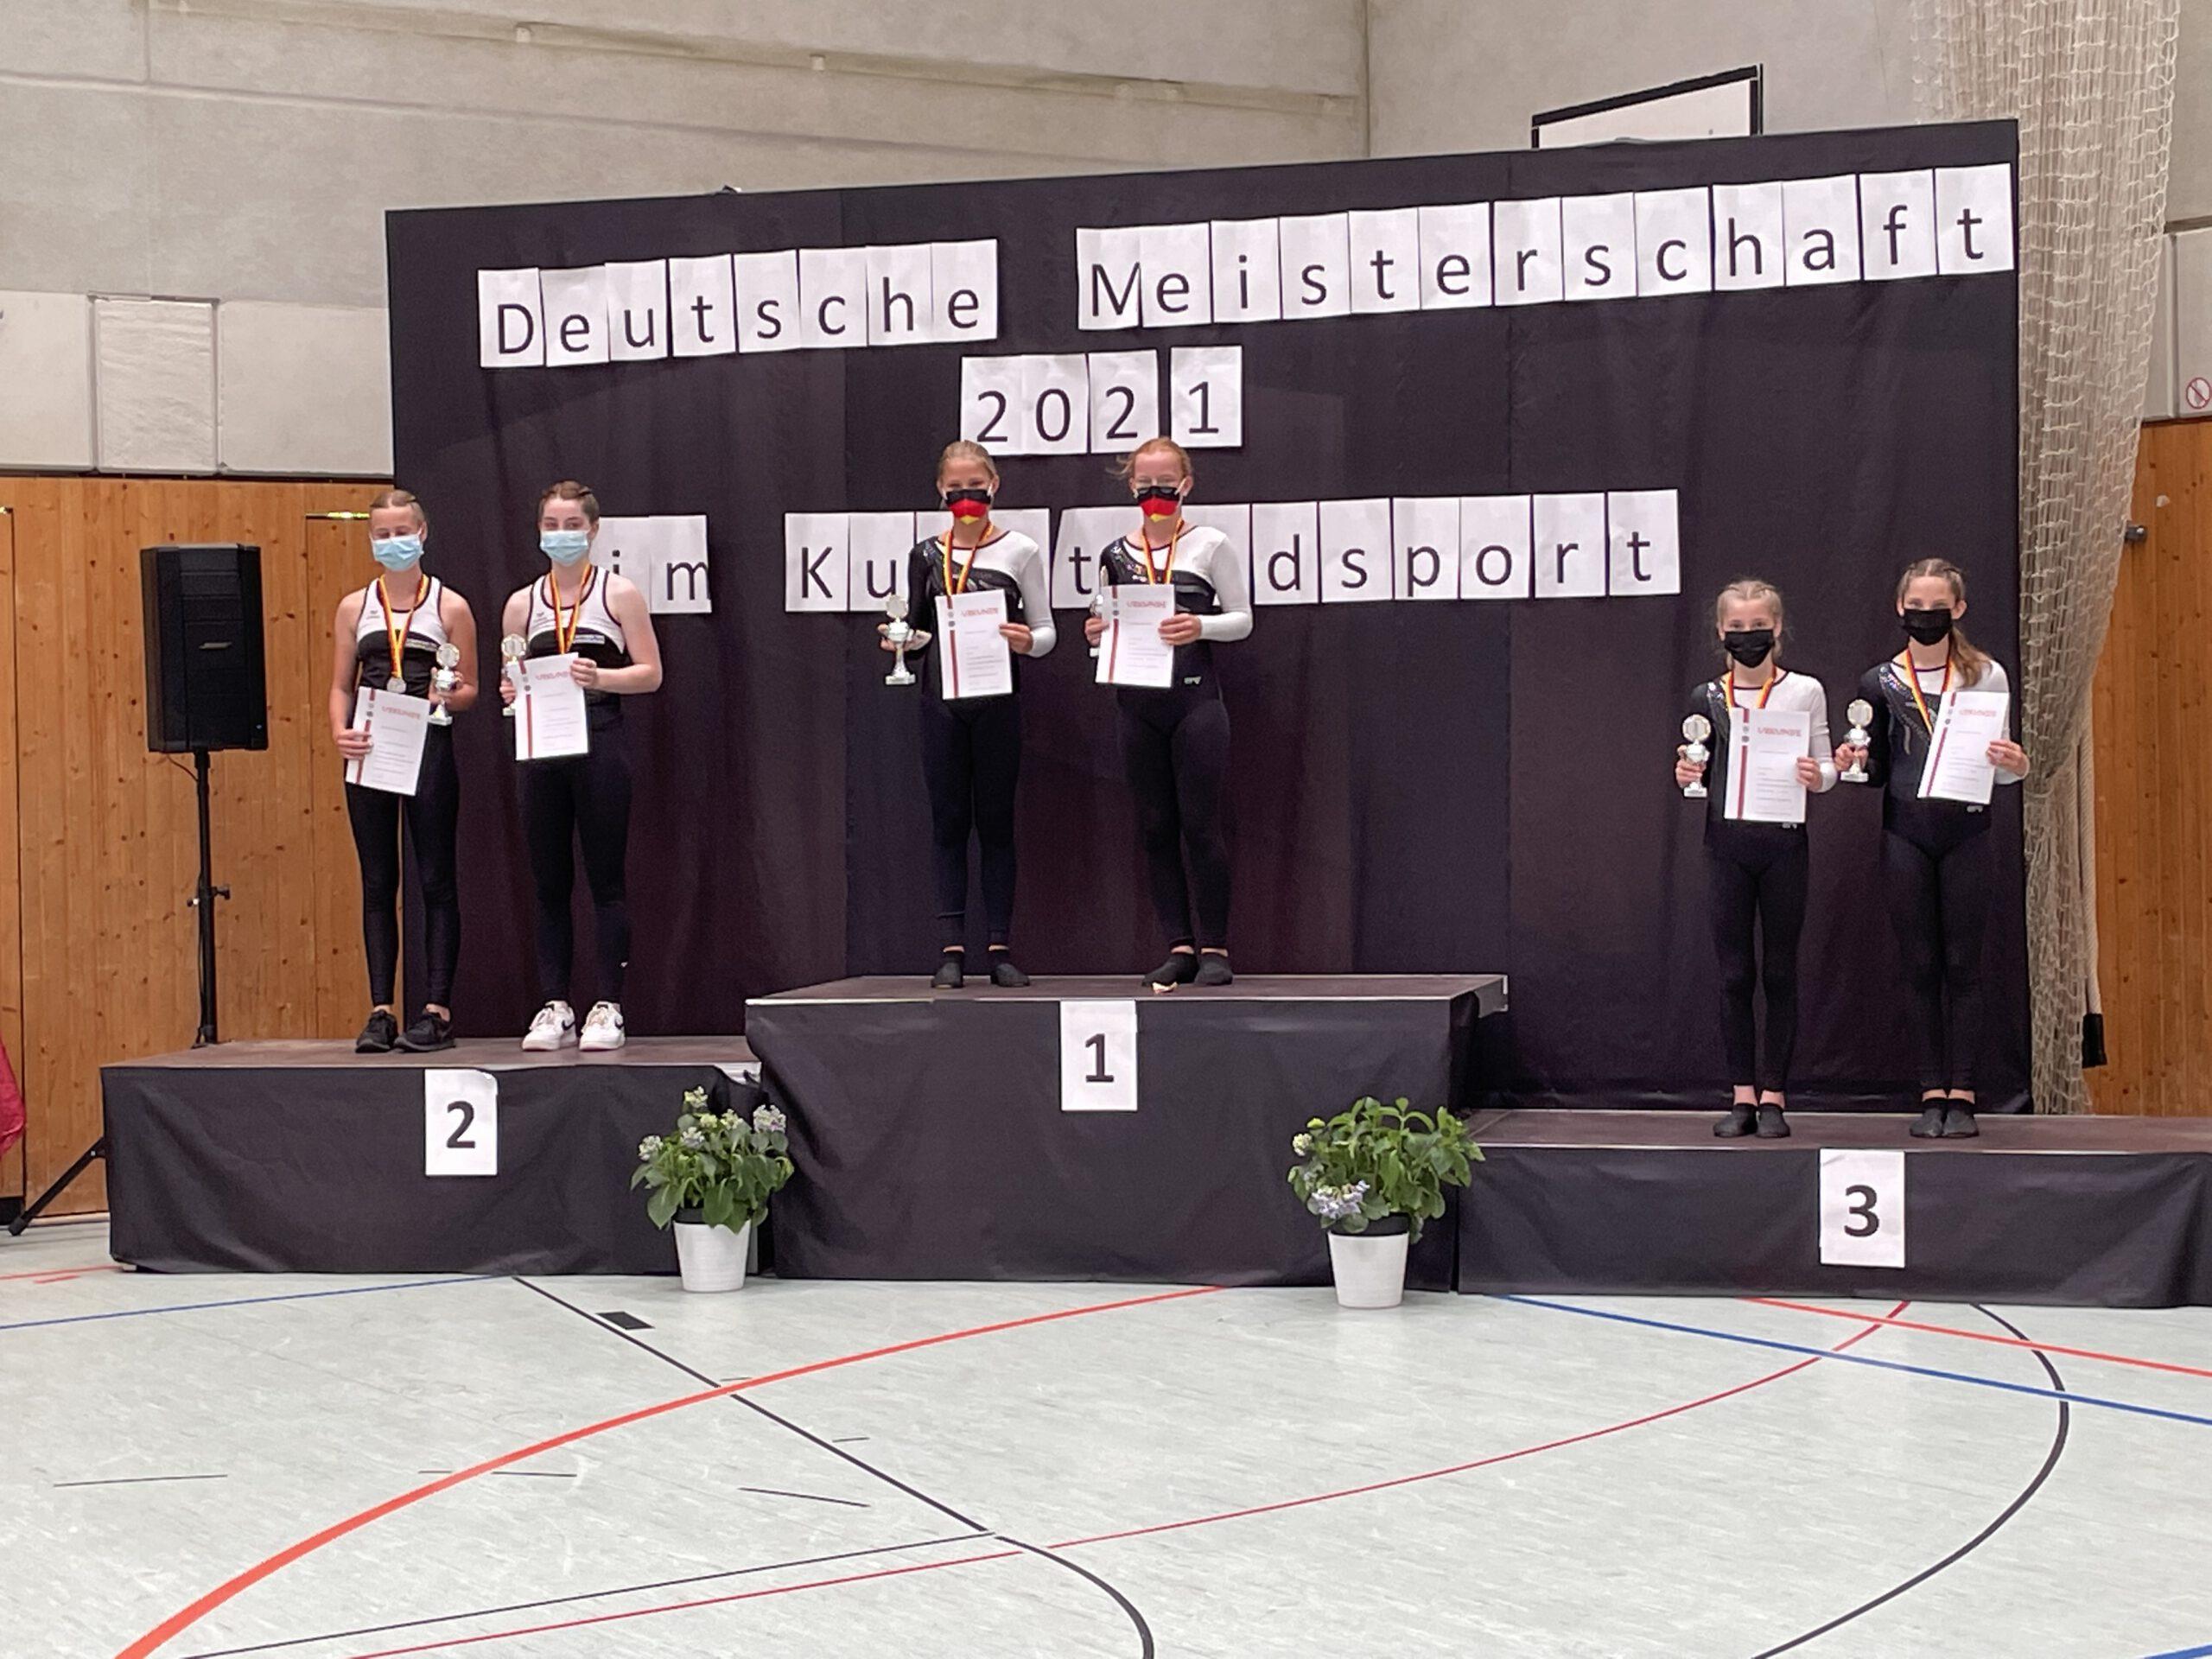 Deutsche Meisterschaften im Kunstradfahren der Schüler*innen und Junioren*innen